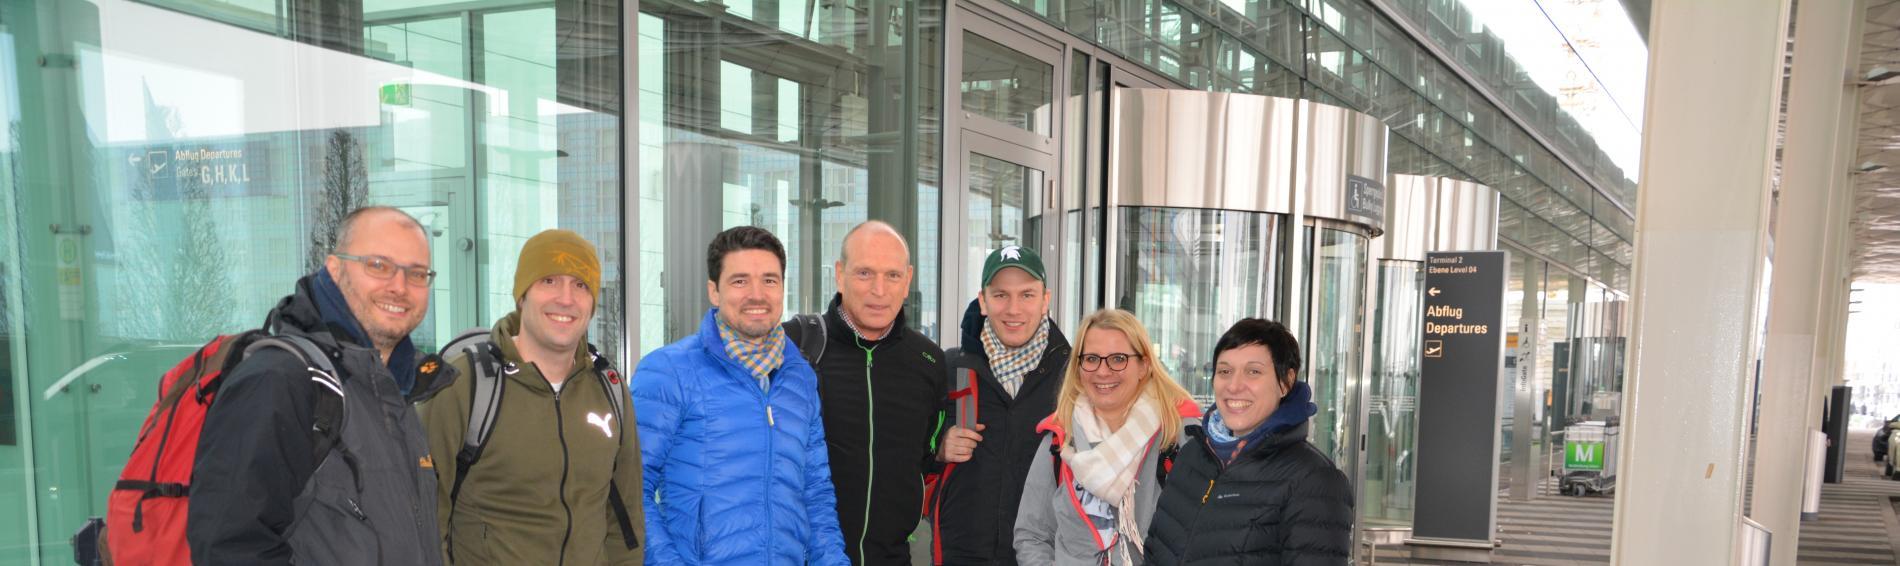 Ärzte-Team am Münchner Flughafen